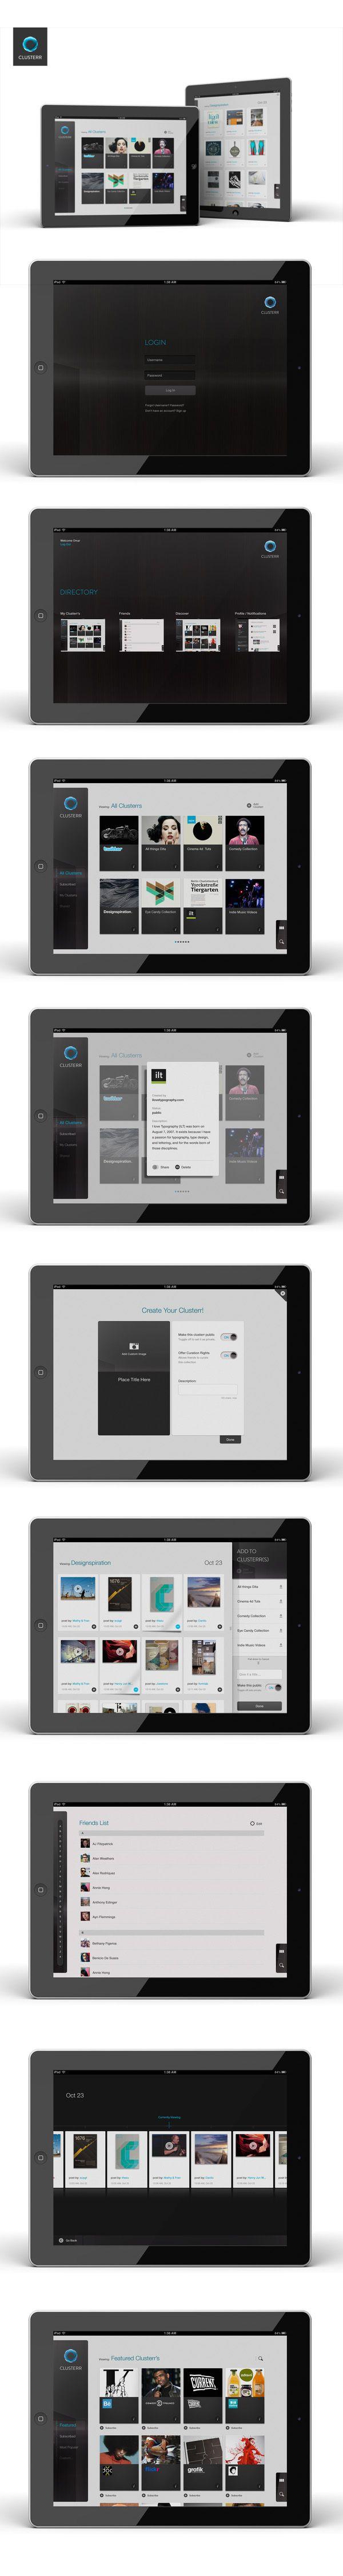 #iPad #App #Mobile #UI #Tablet